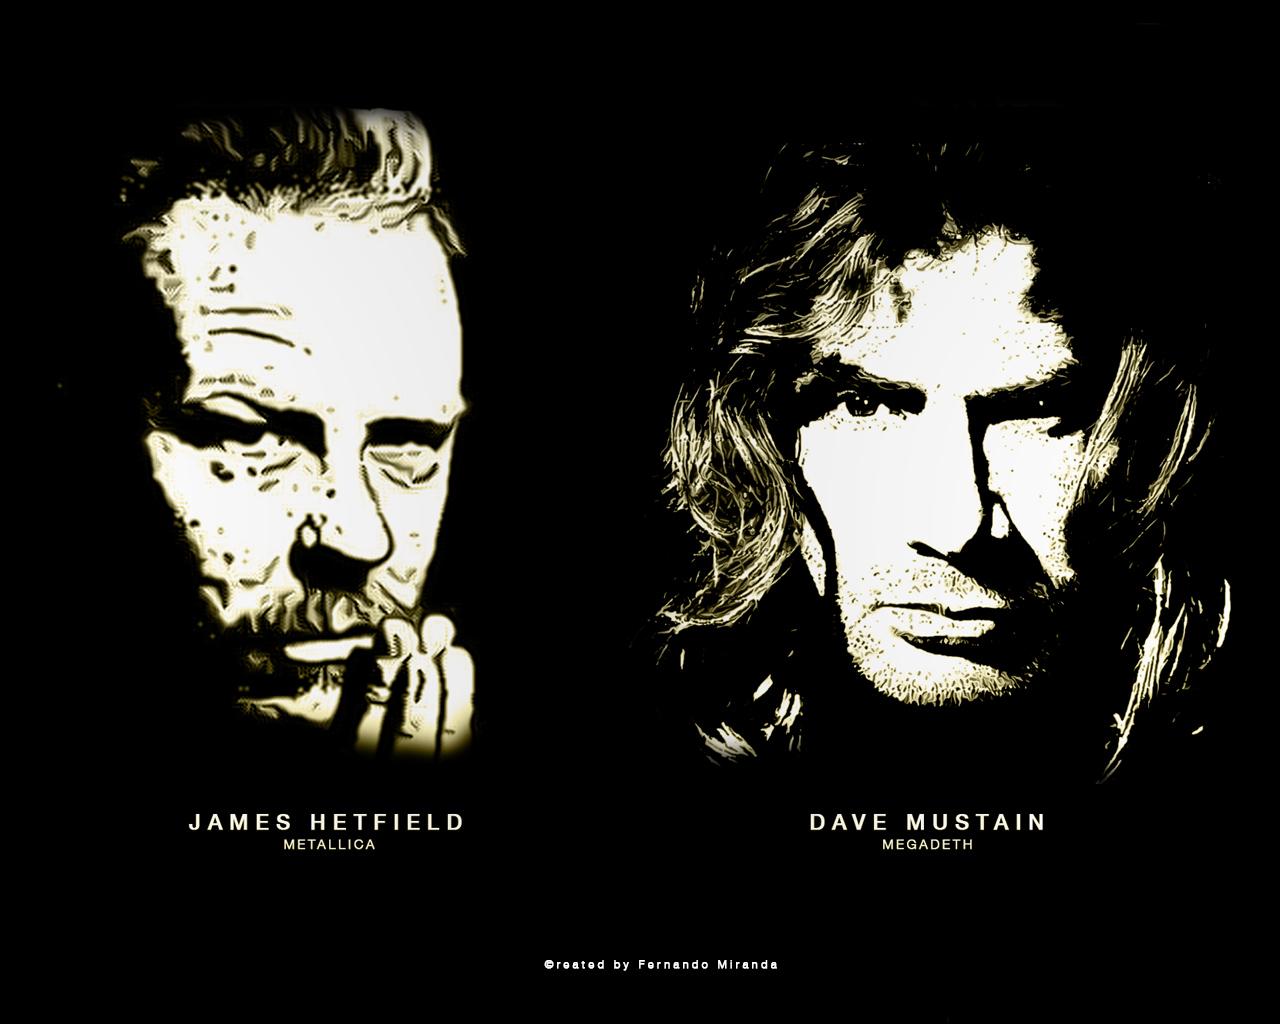 Metallica Vs Megadeth